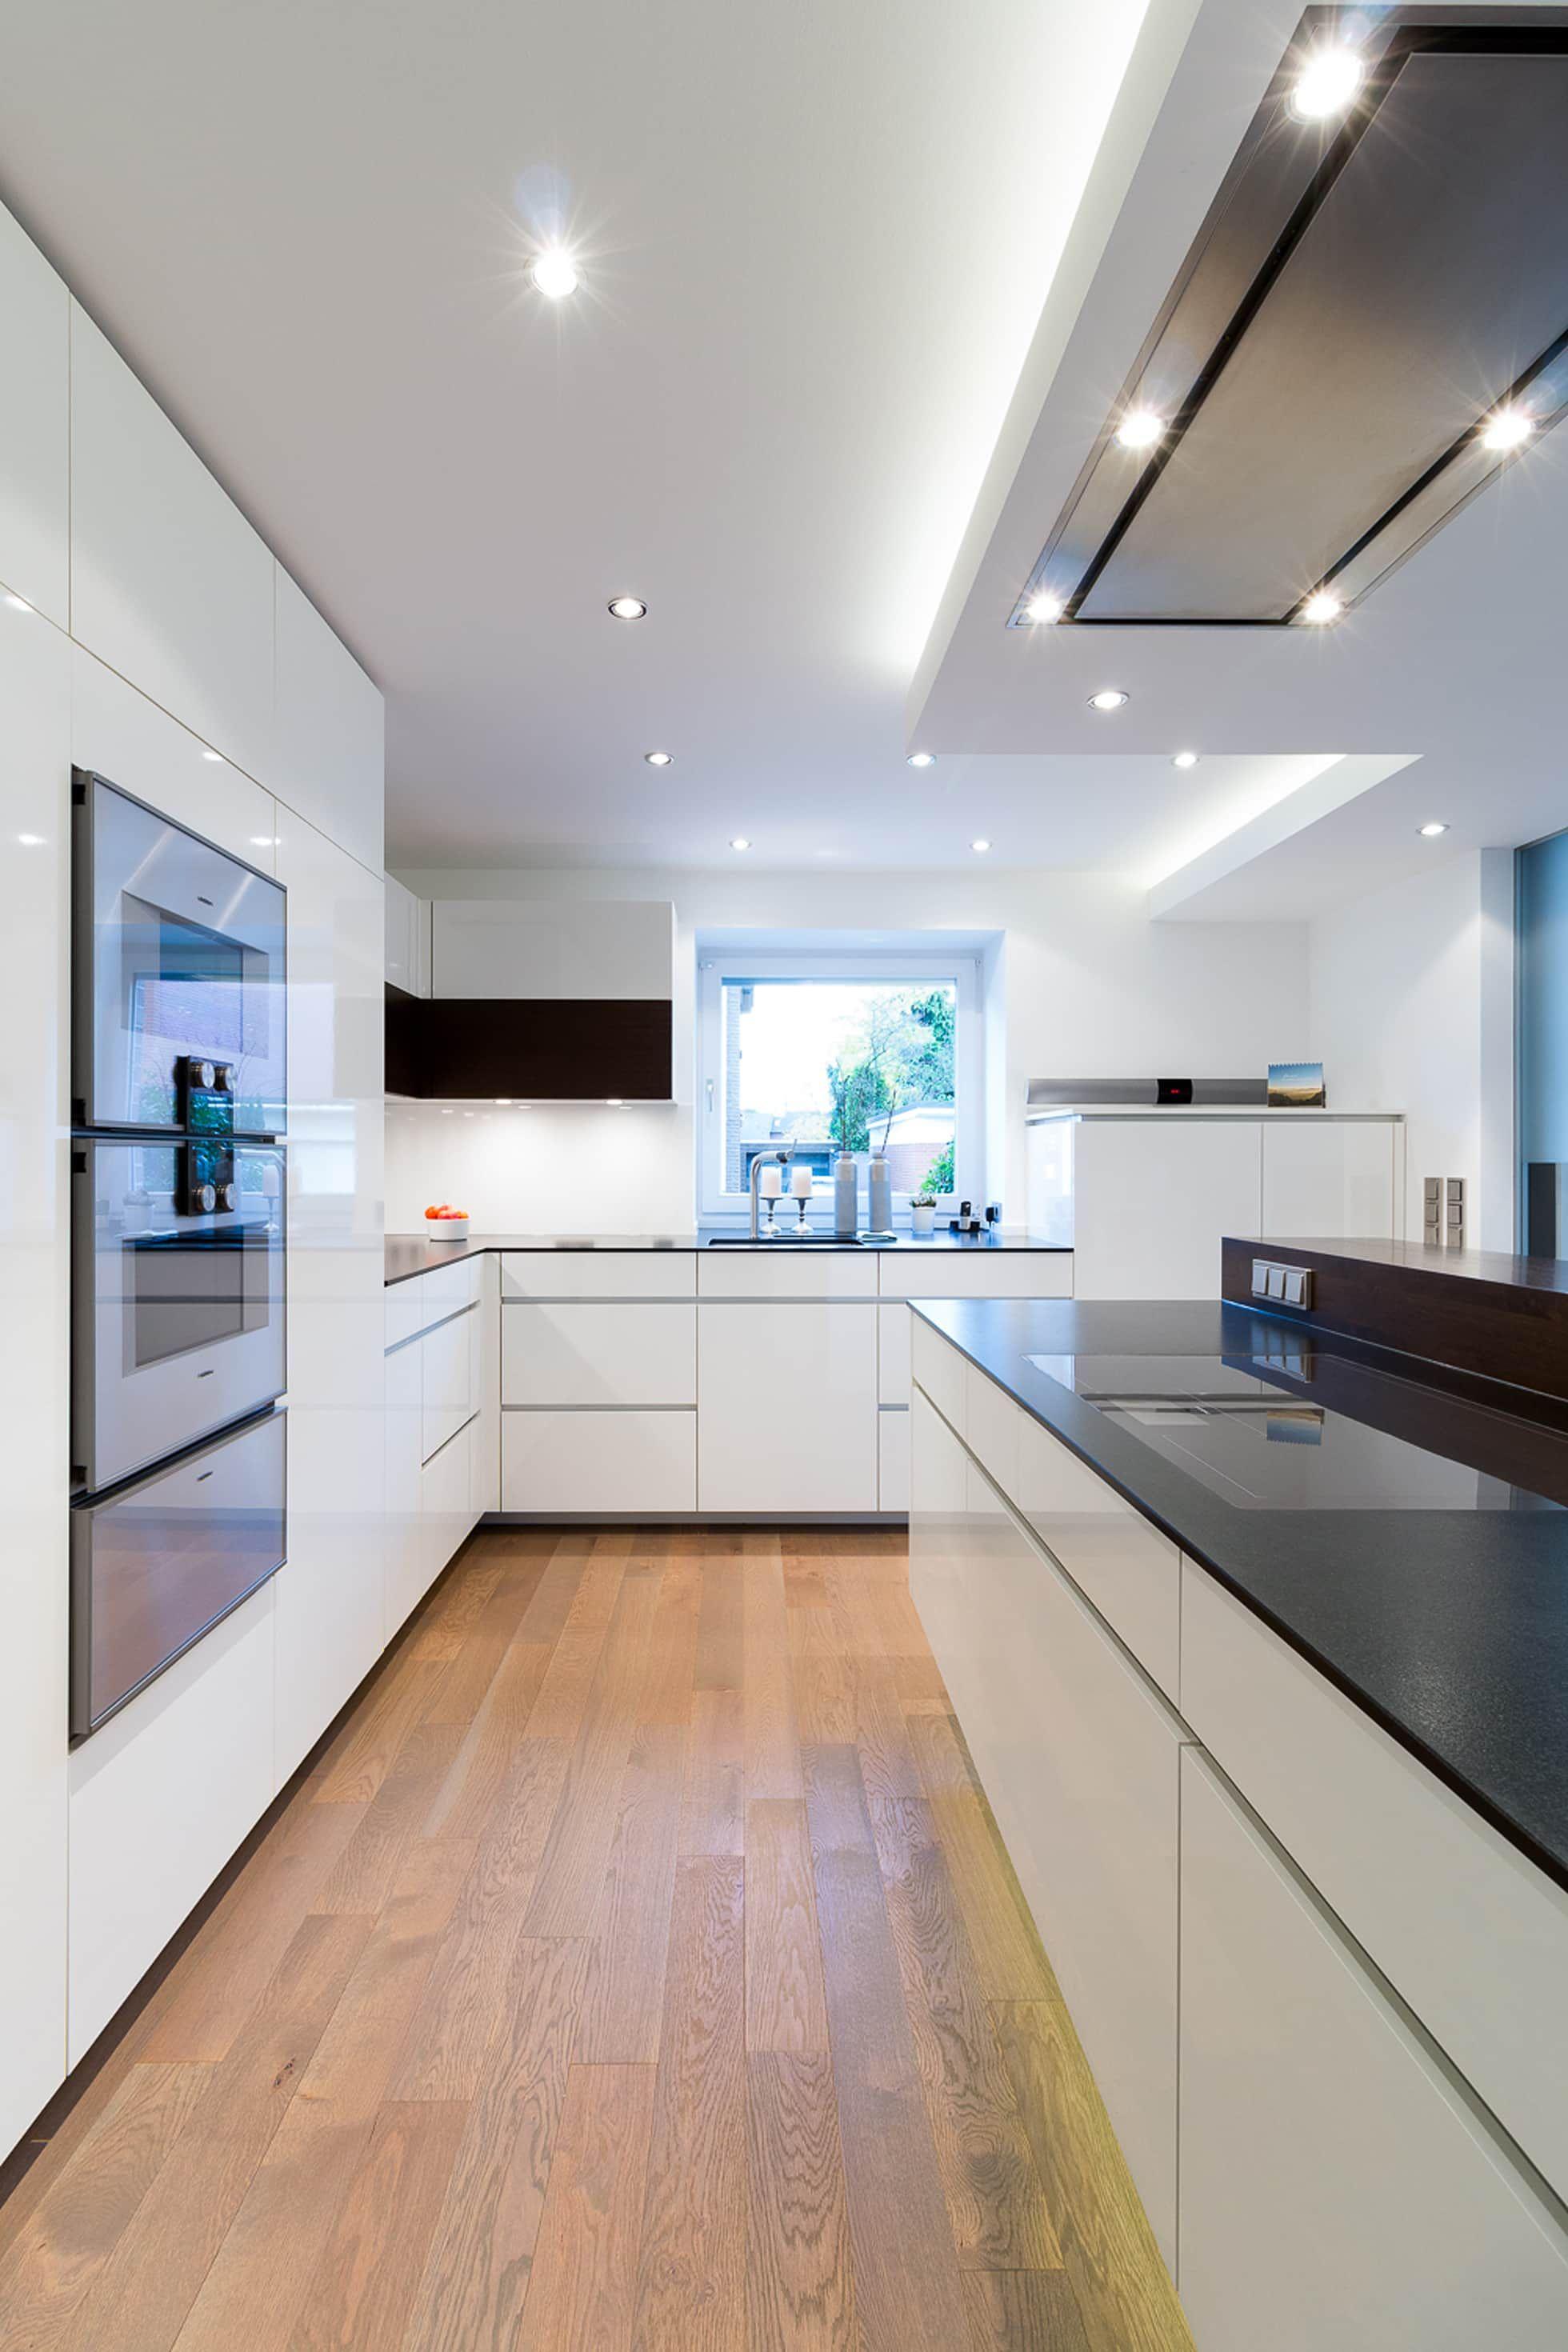 Wohnküche nach maß in borken moderne küchen von klocke möbelwerkstätte gmbh modern | homify